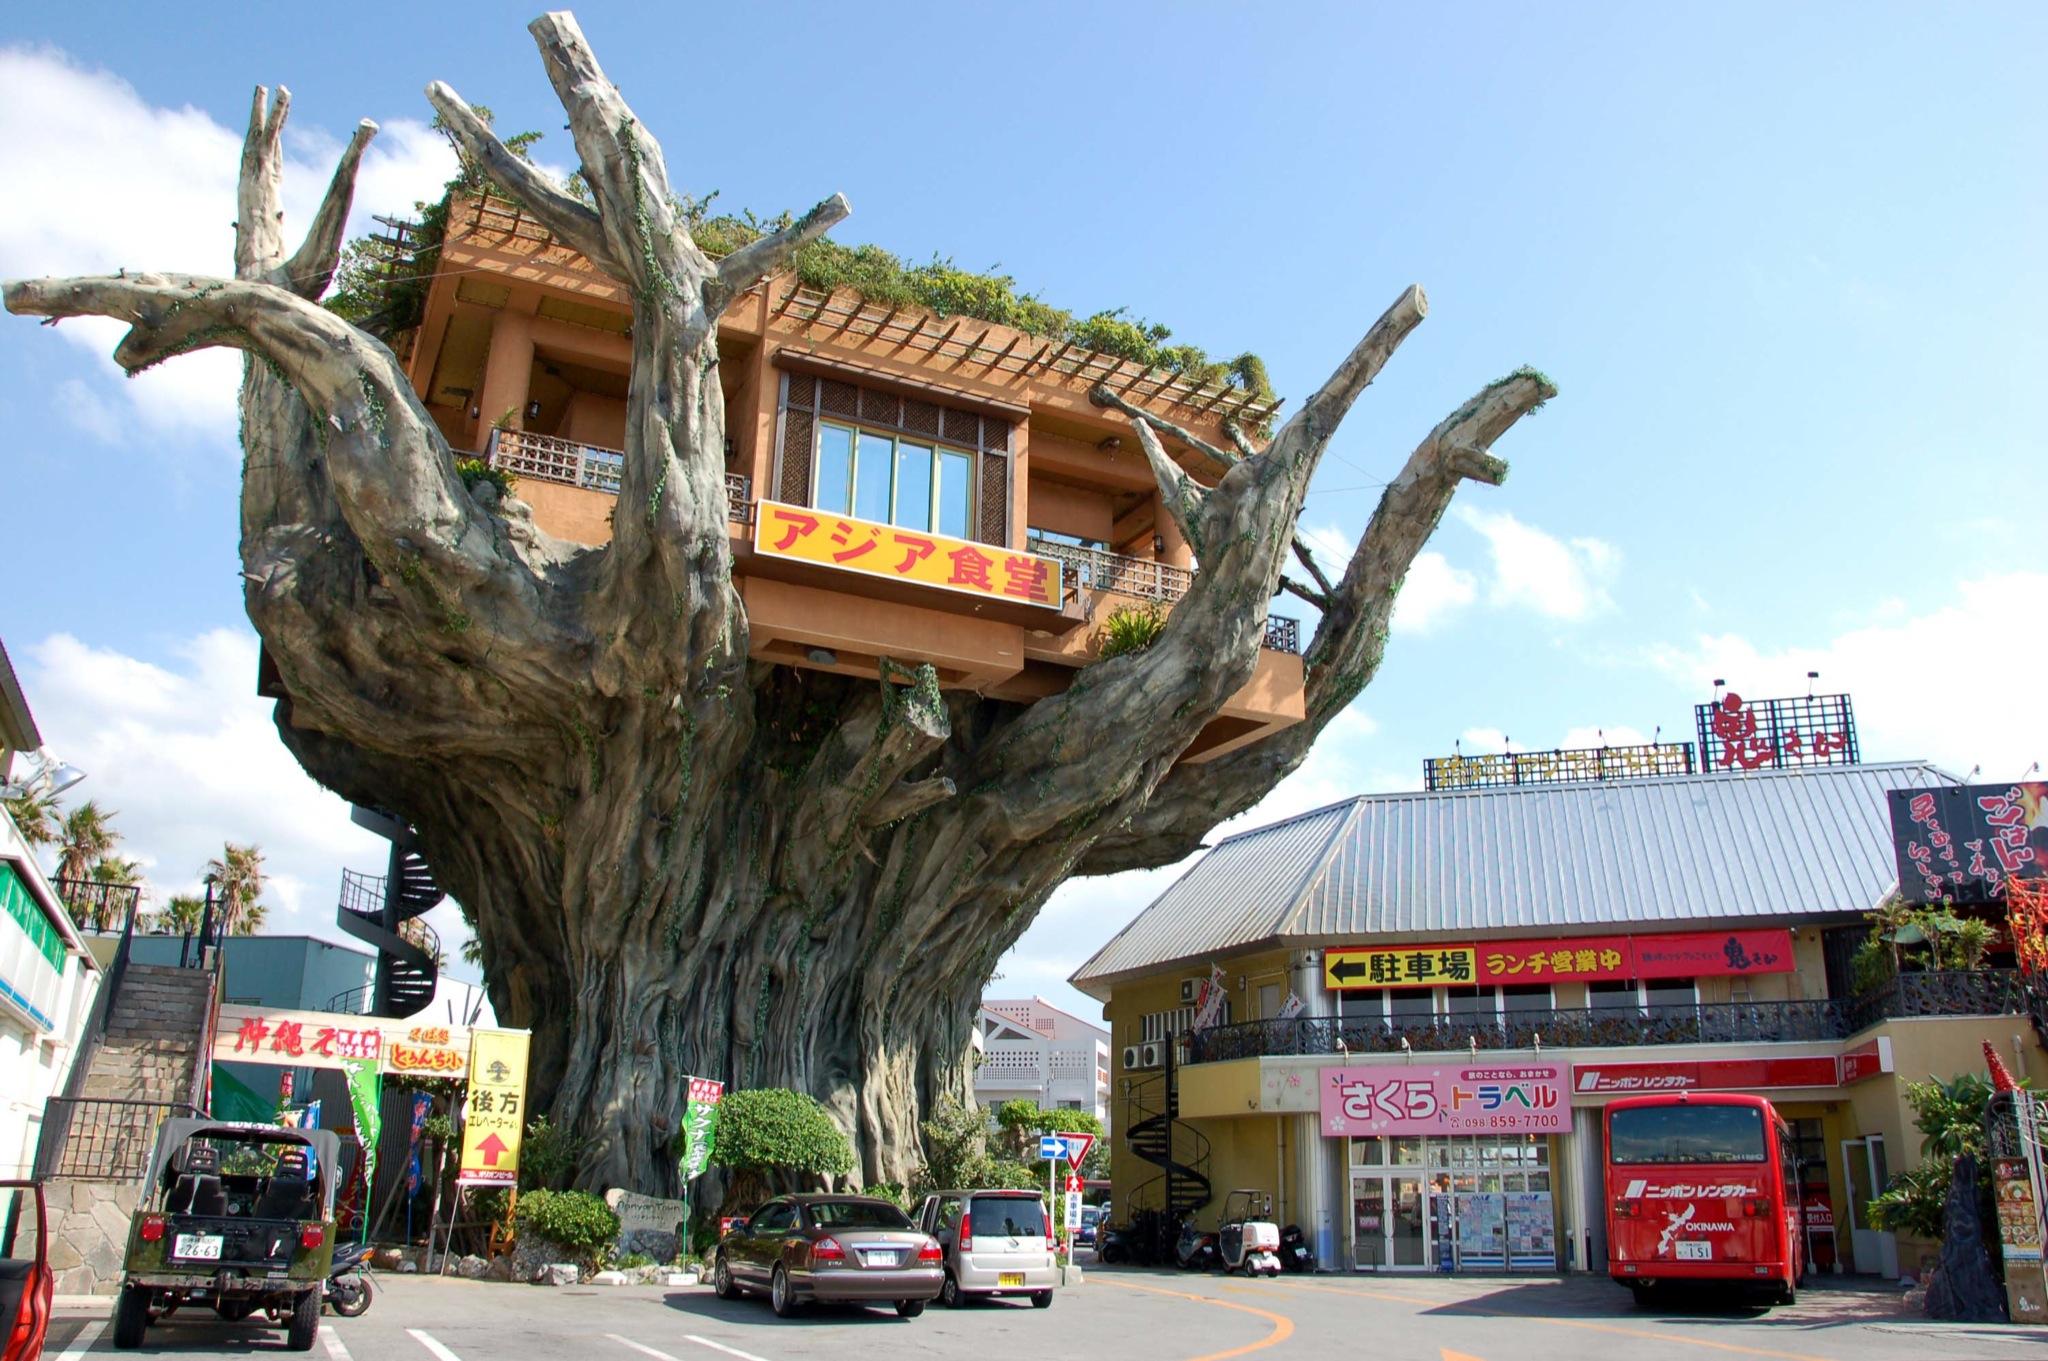 Ini Restoran Pohon Unik di Jepang image